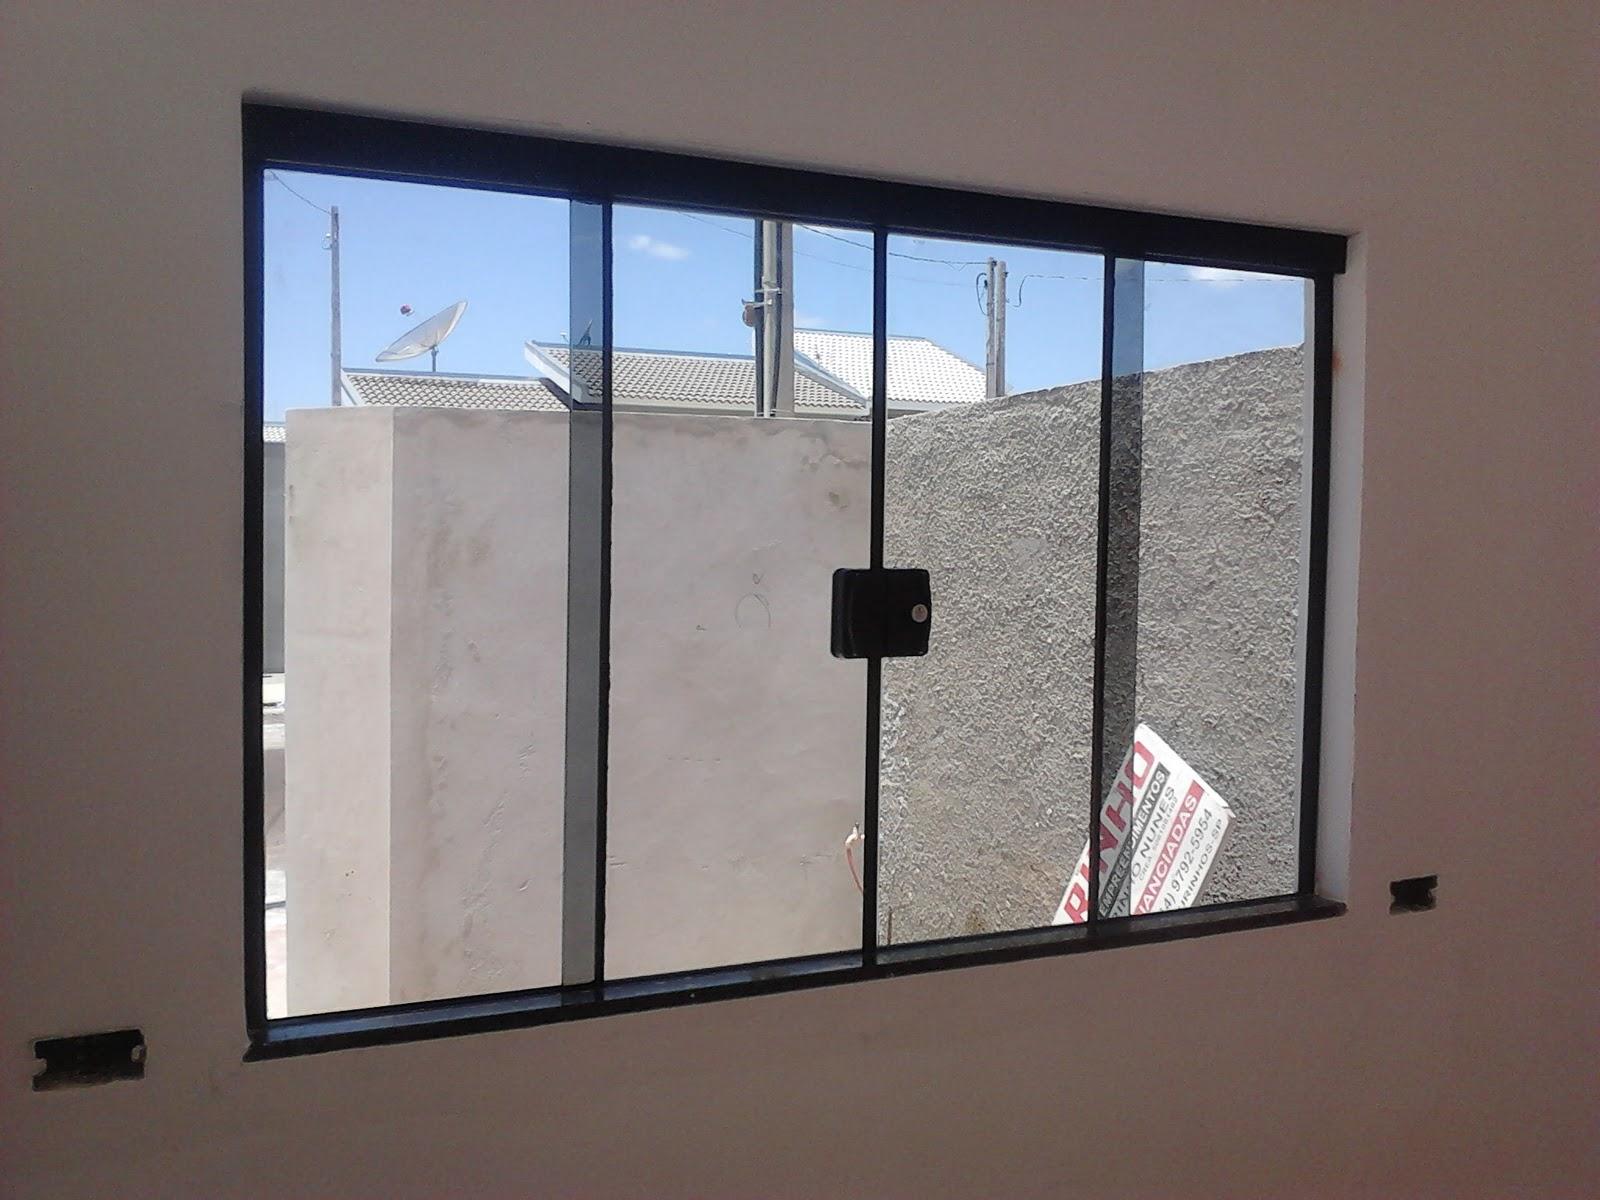 #1E5EAD FRANCO VIDROS TEMPERADOS: Obra em Ourinhos 186 Janelas De Vidro Na Sala